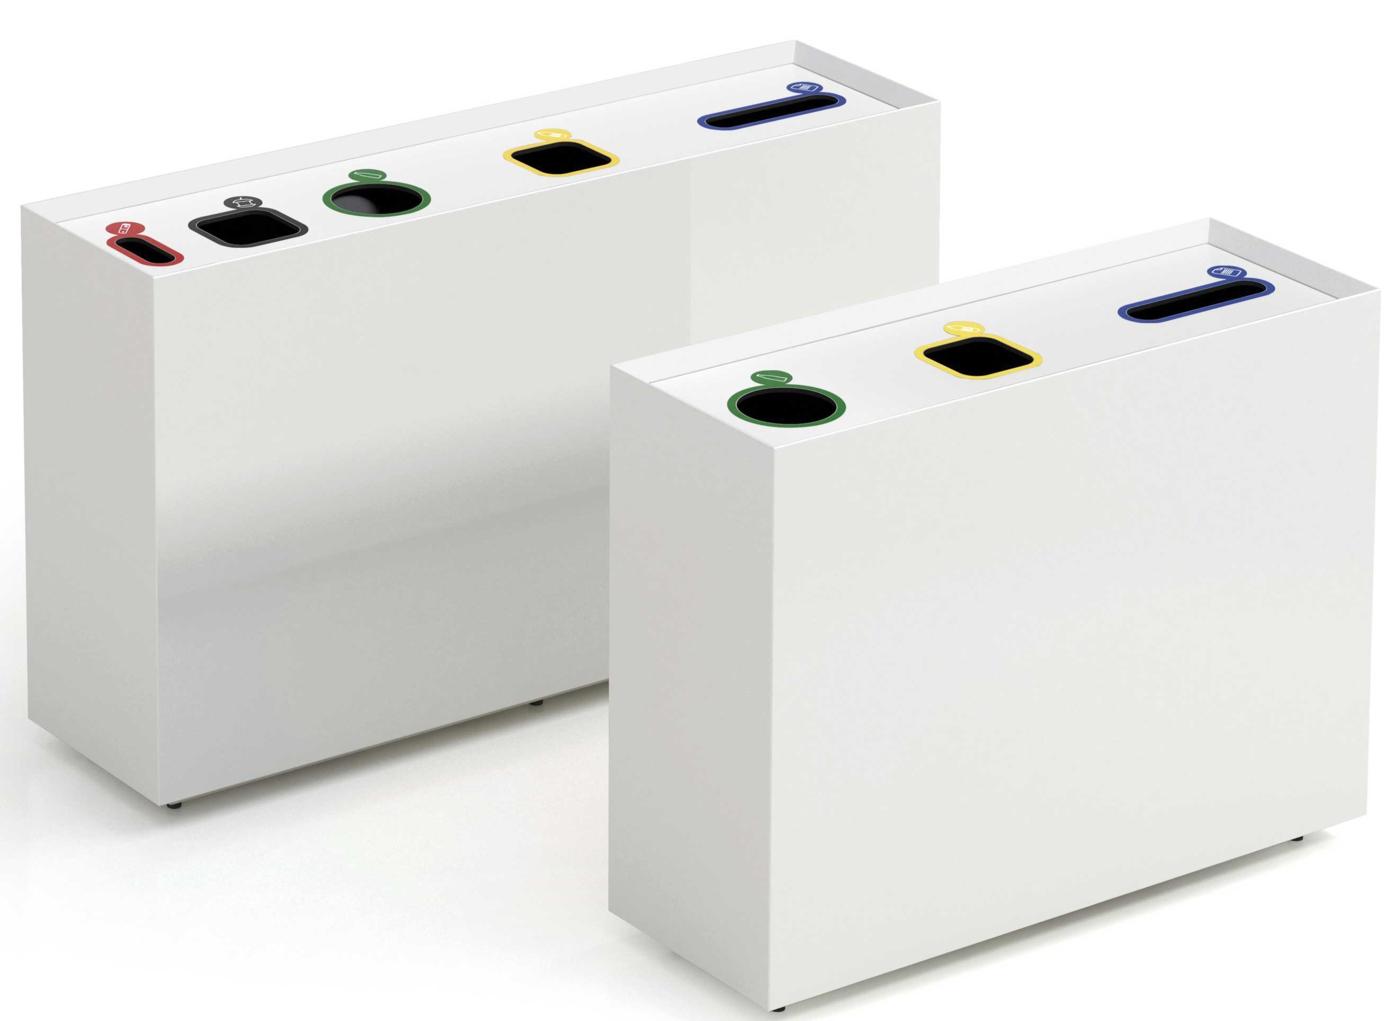 poubelle corbeille de tri s lectif pour bureau d 39 entreprise. Black Bedroom Furniture Sets. Home Design Ideas